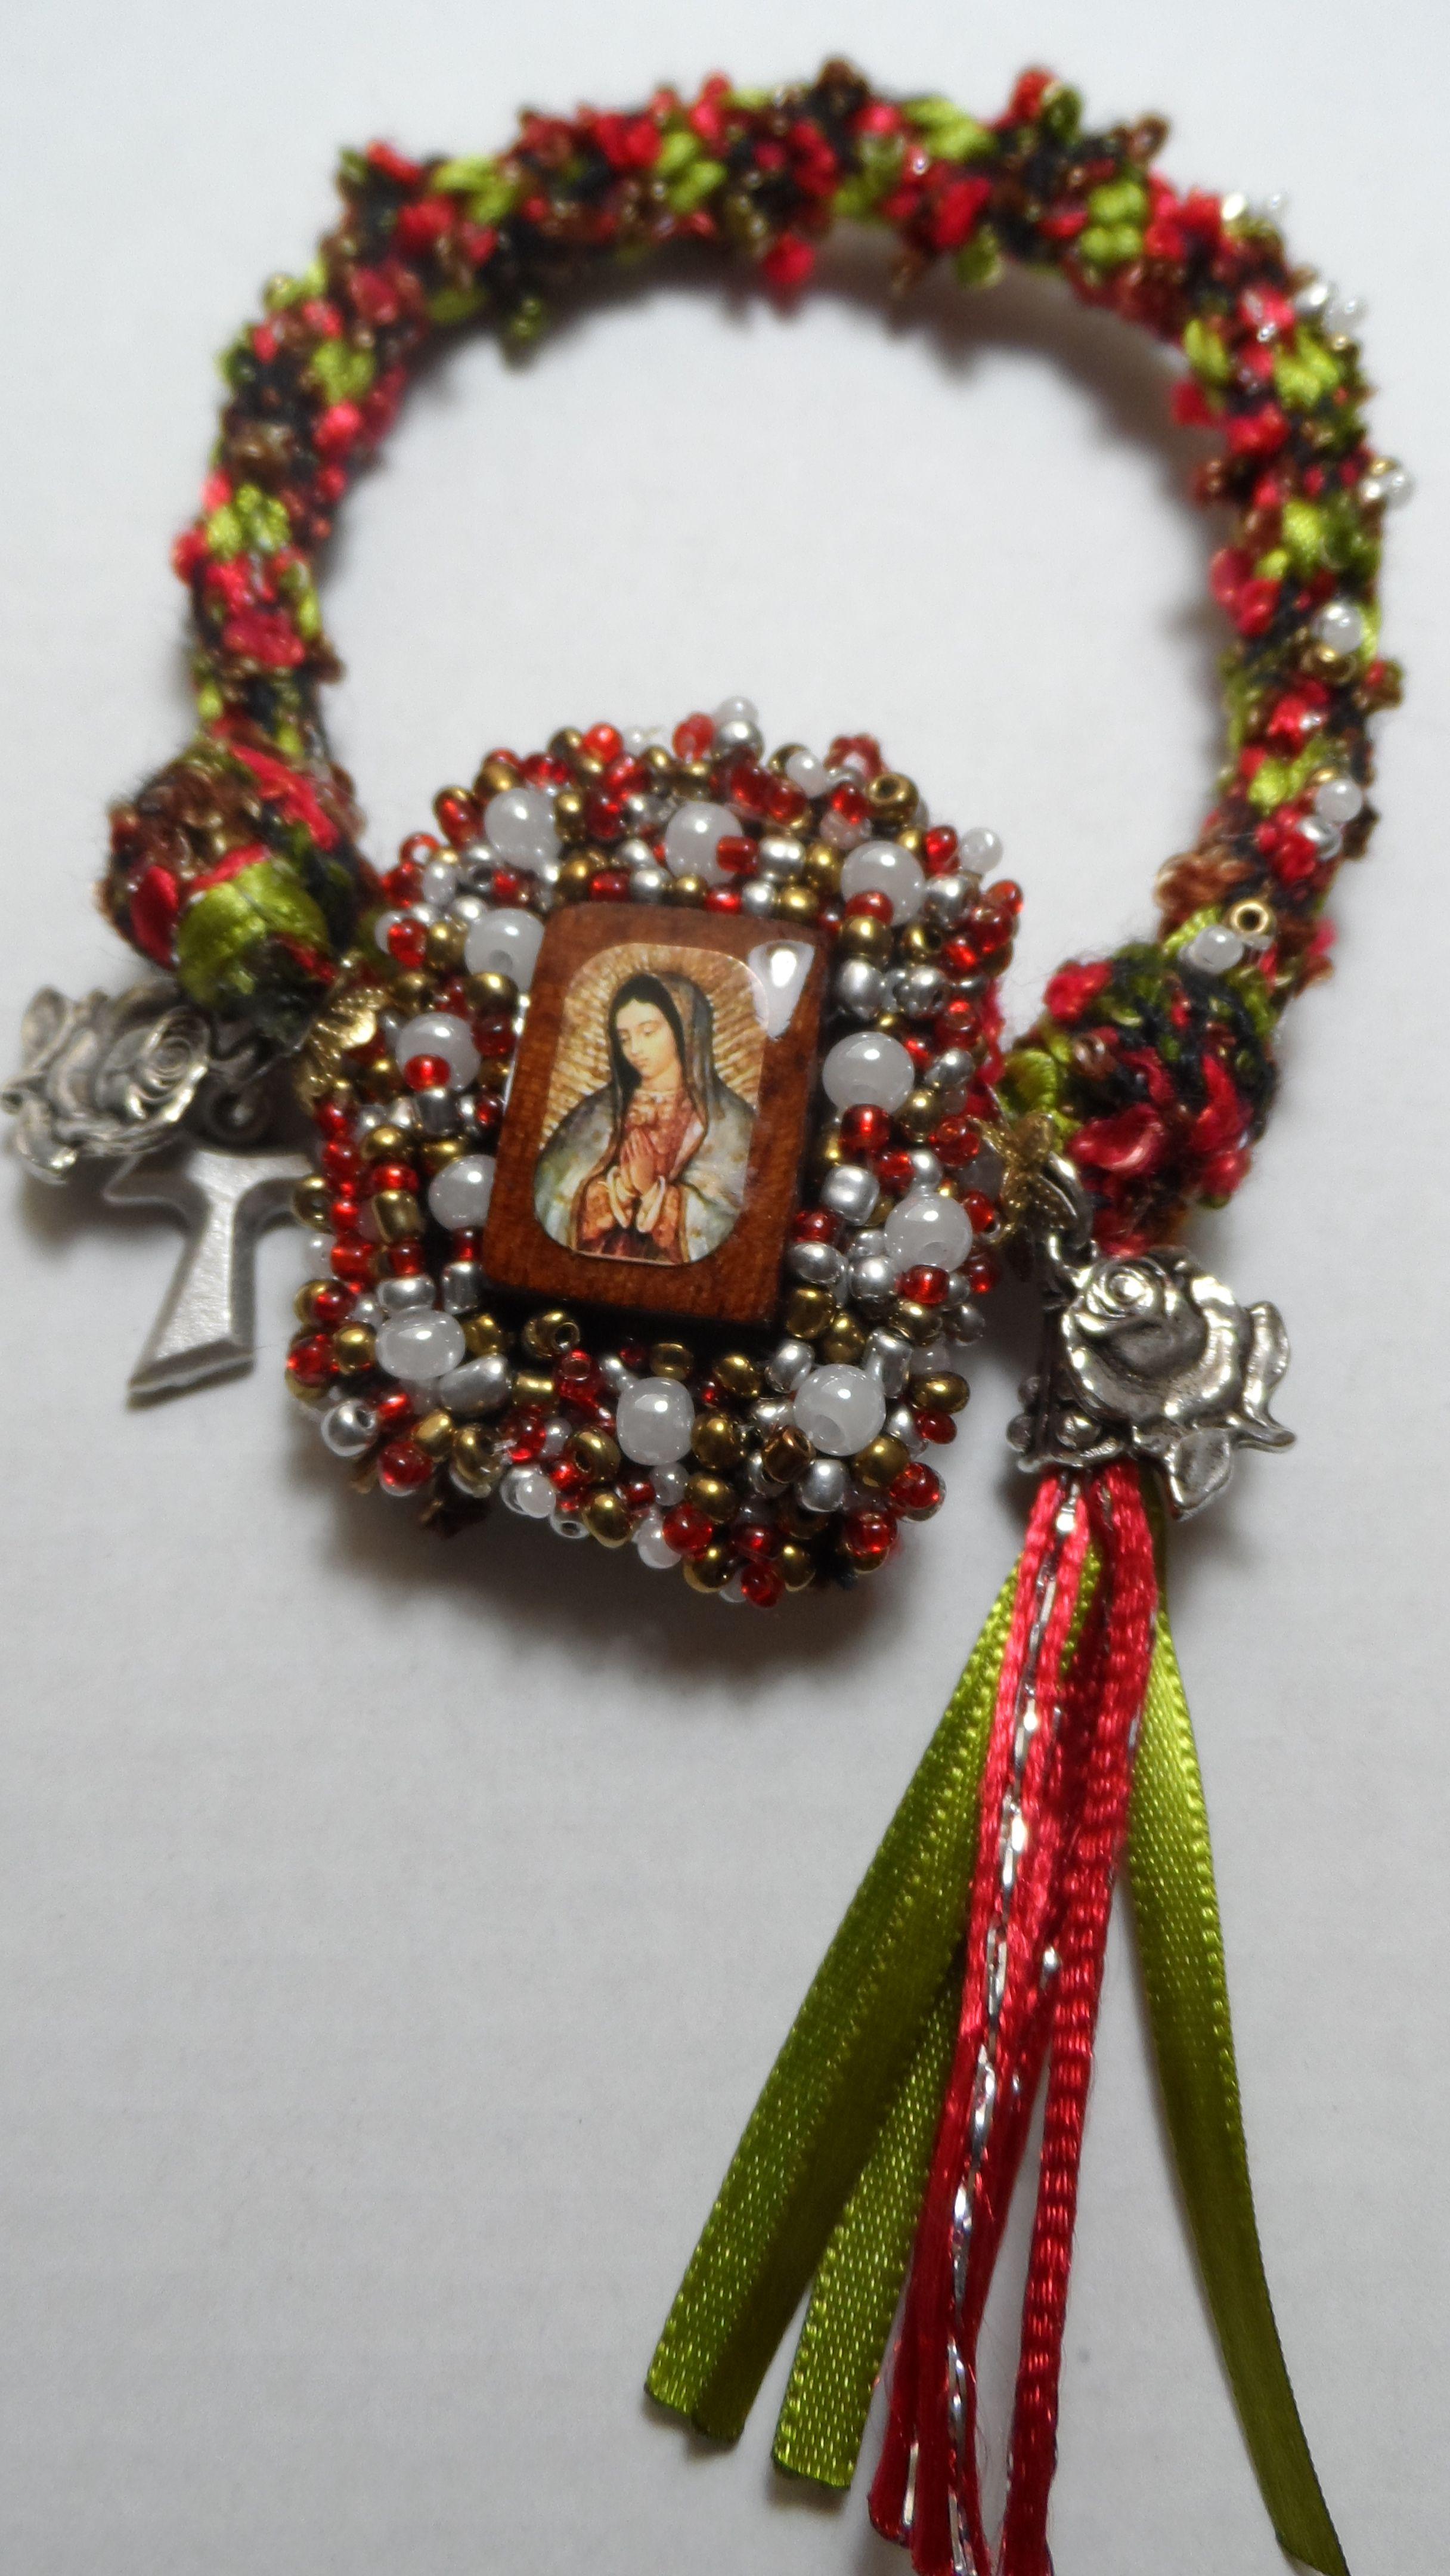 d0db4909d19a Escapulario-Pulsera Virgen de Guadalupe